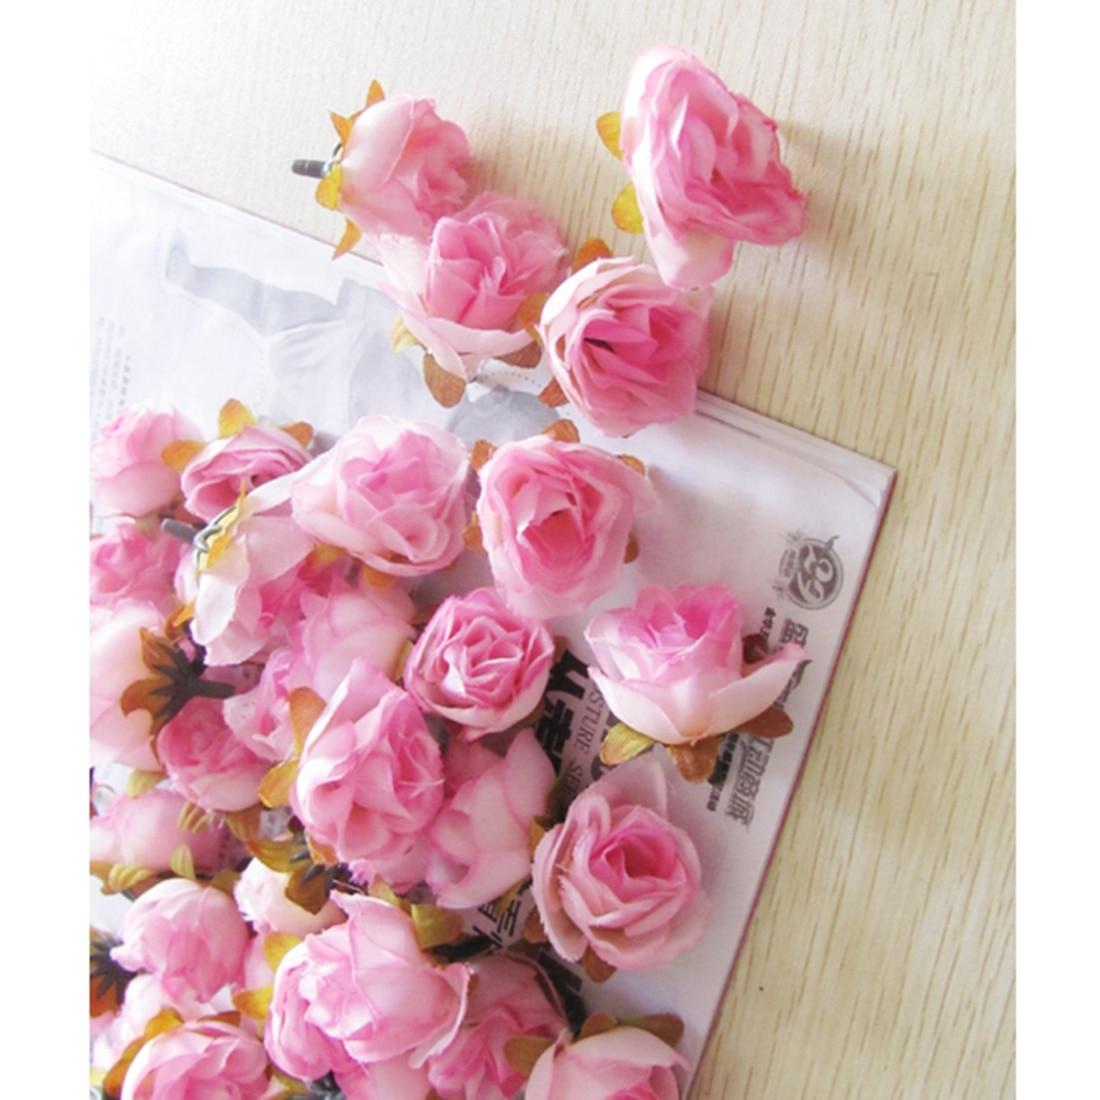 UESH-100pcs Multi Color Pequeño Té Rosa Bricolaje Rosa Flor de Seda - Para fiestas y celebraciones - foto 4